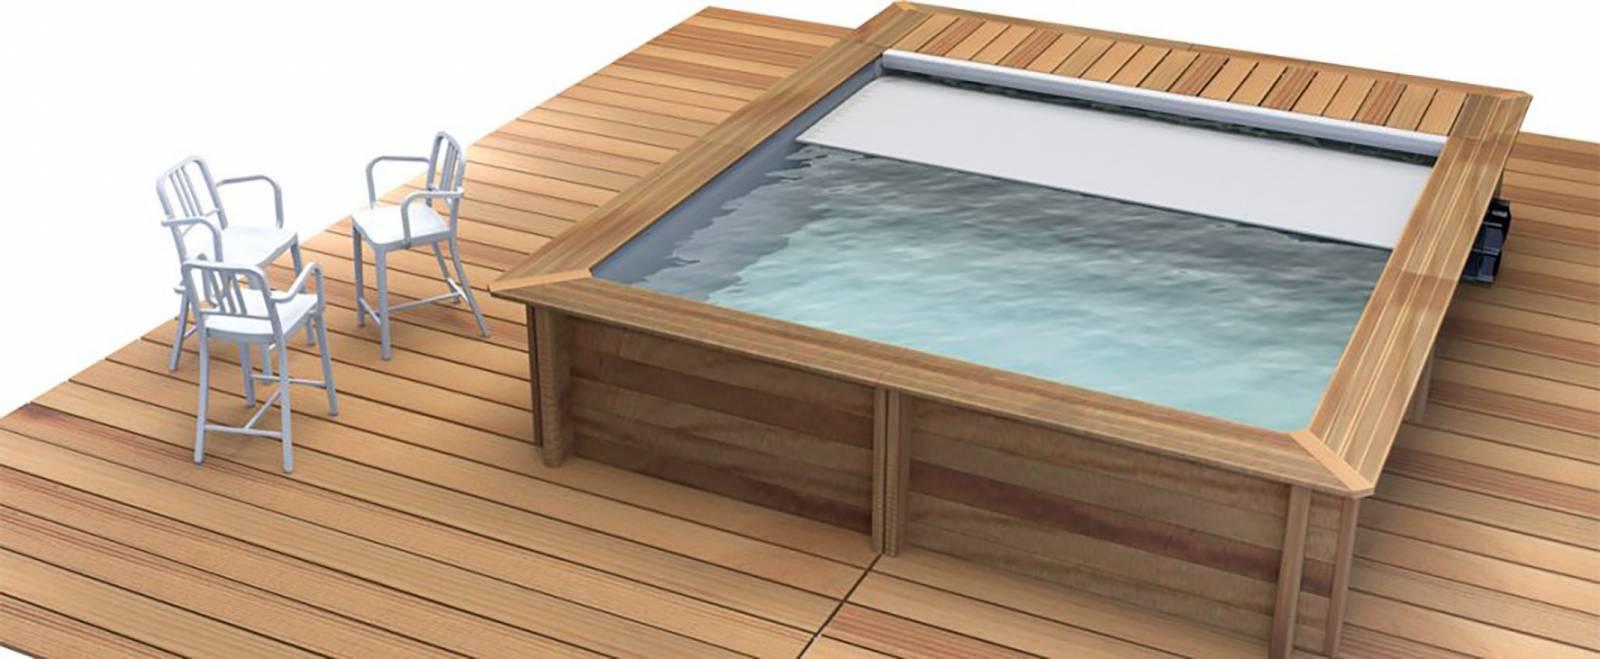 prix piscine hors sol Trans-en-Provence